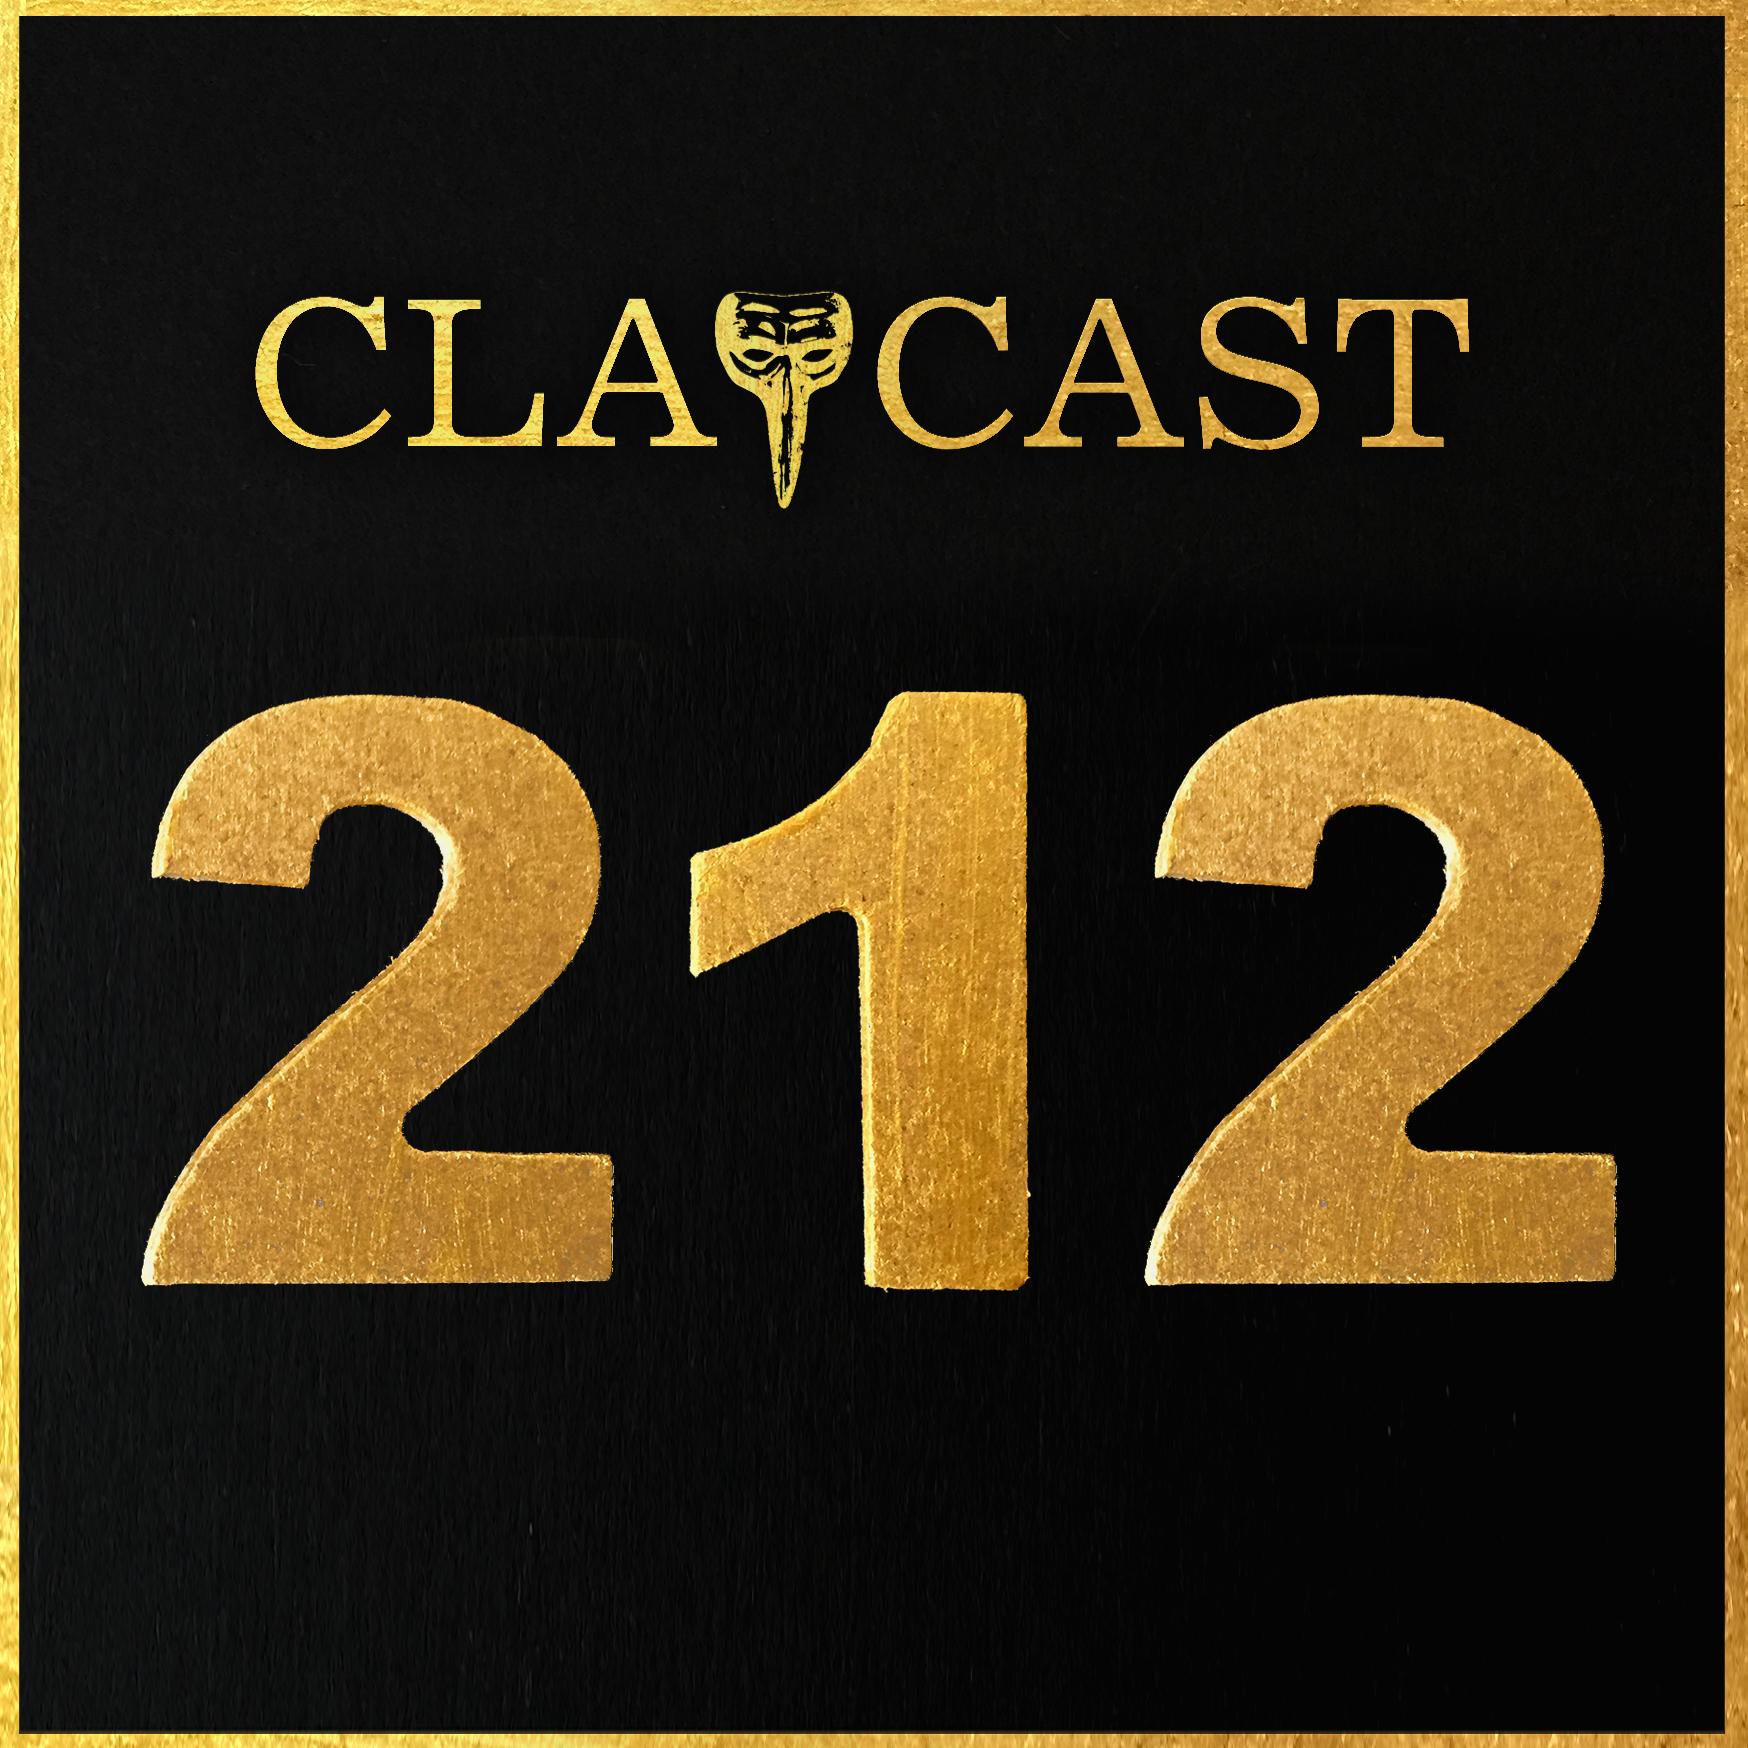 Clapcast 212